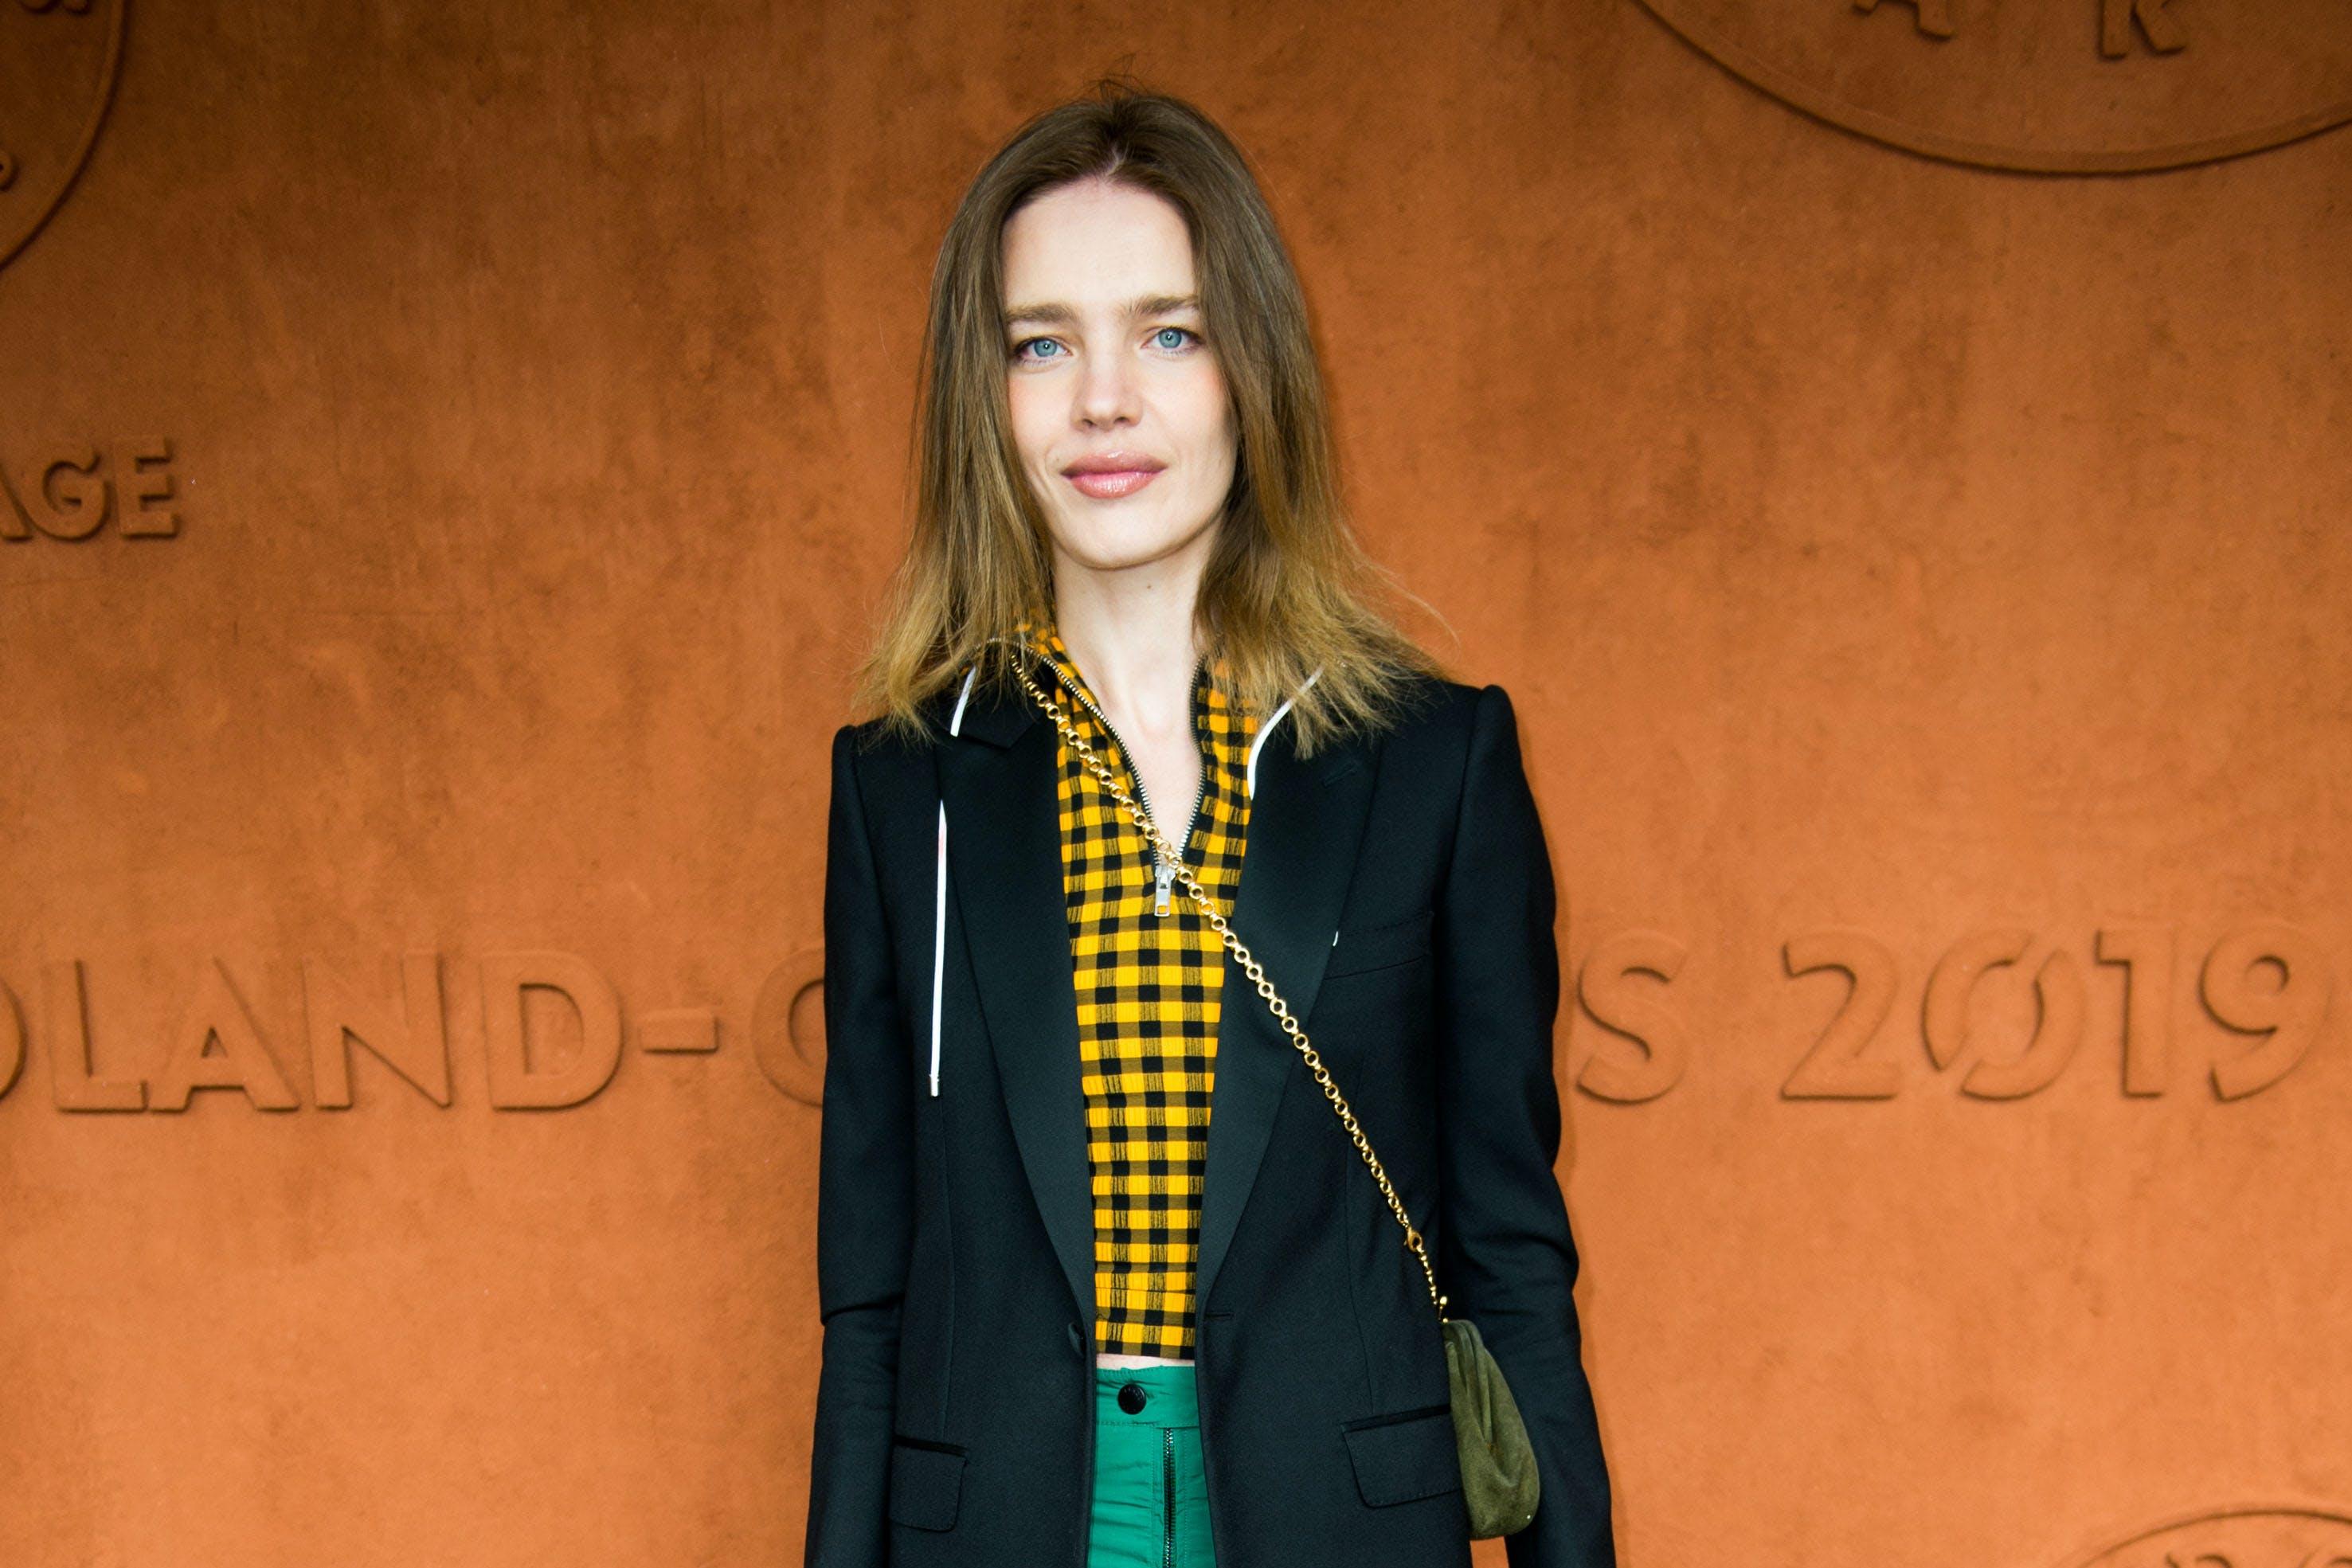 Model Natalia Vodianova Roland-Garros 2019